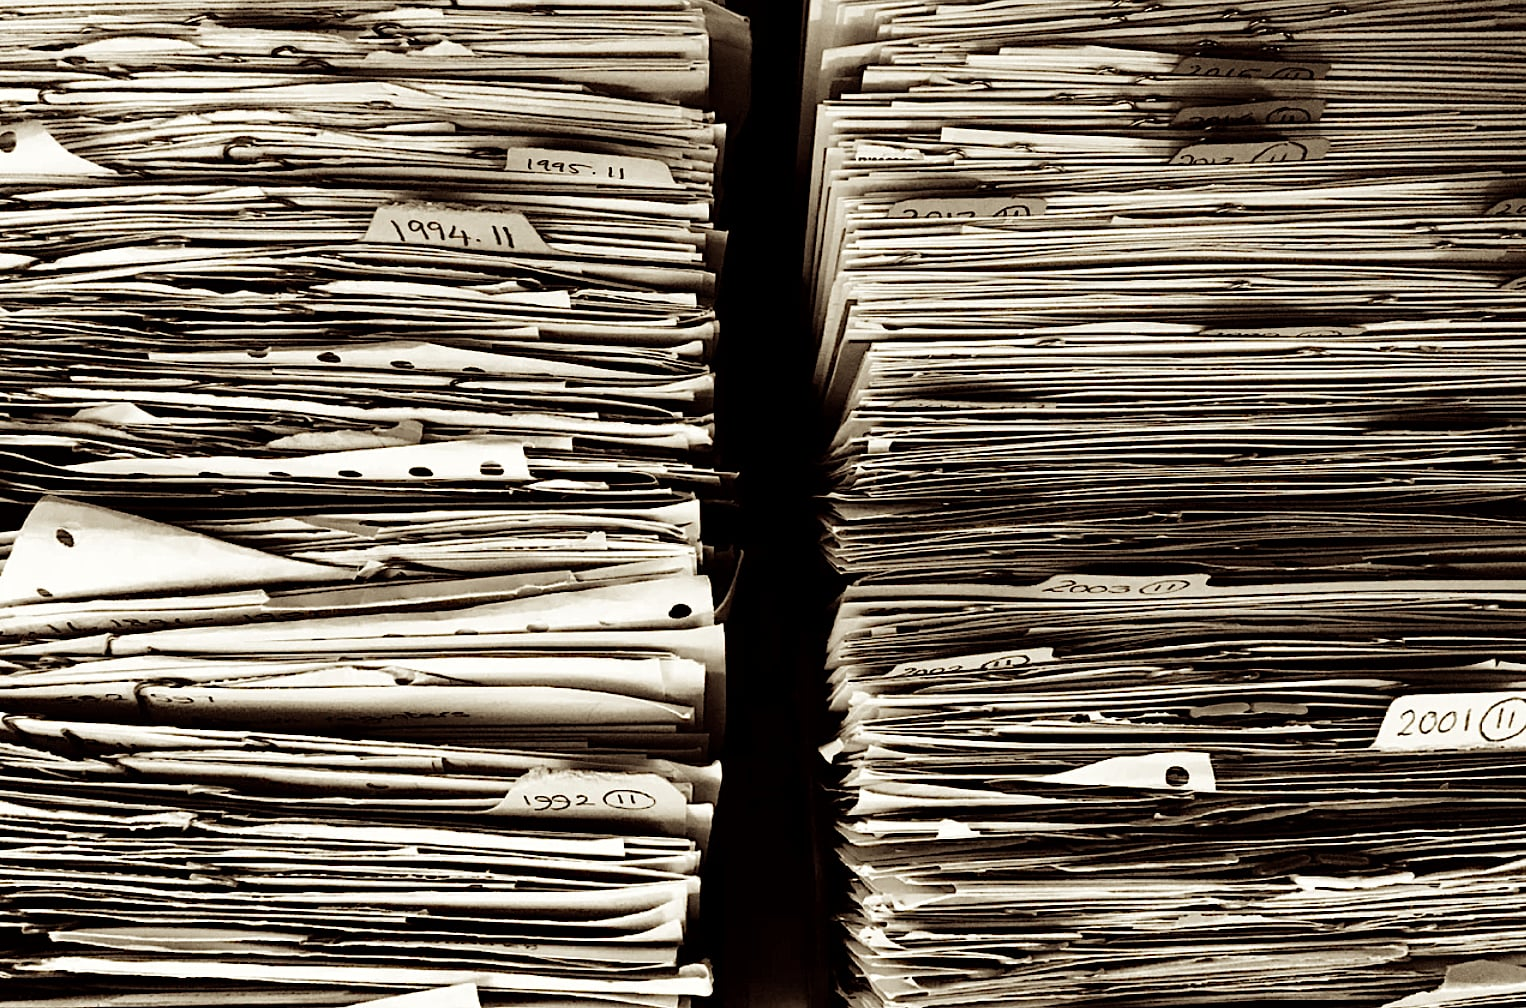 восстановить документы